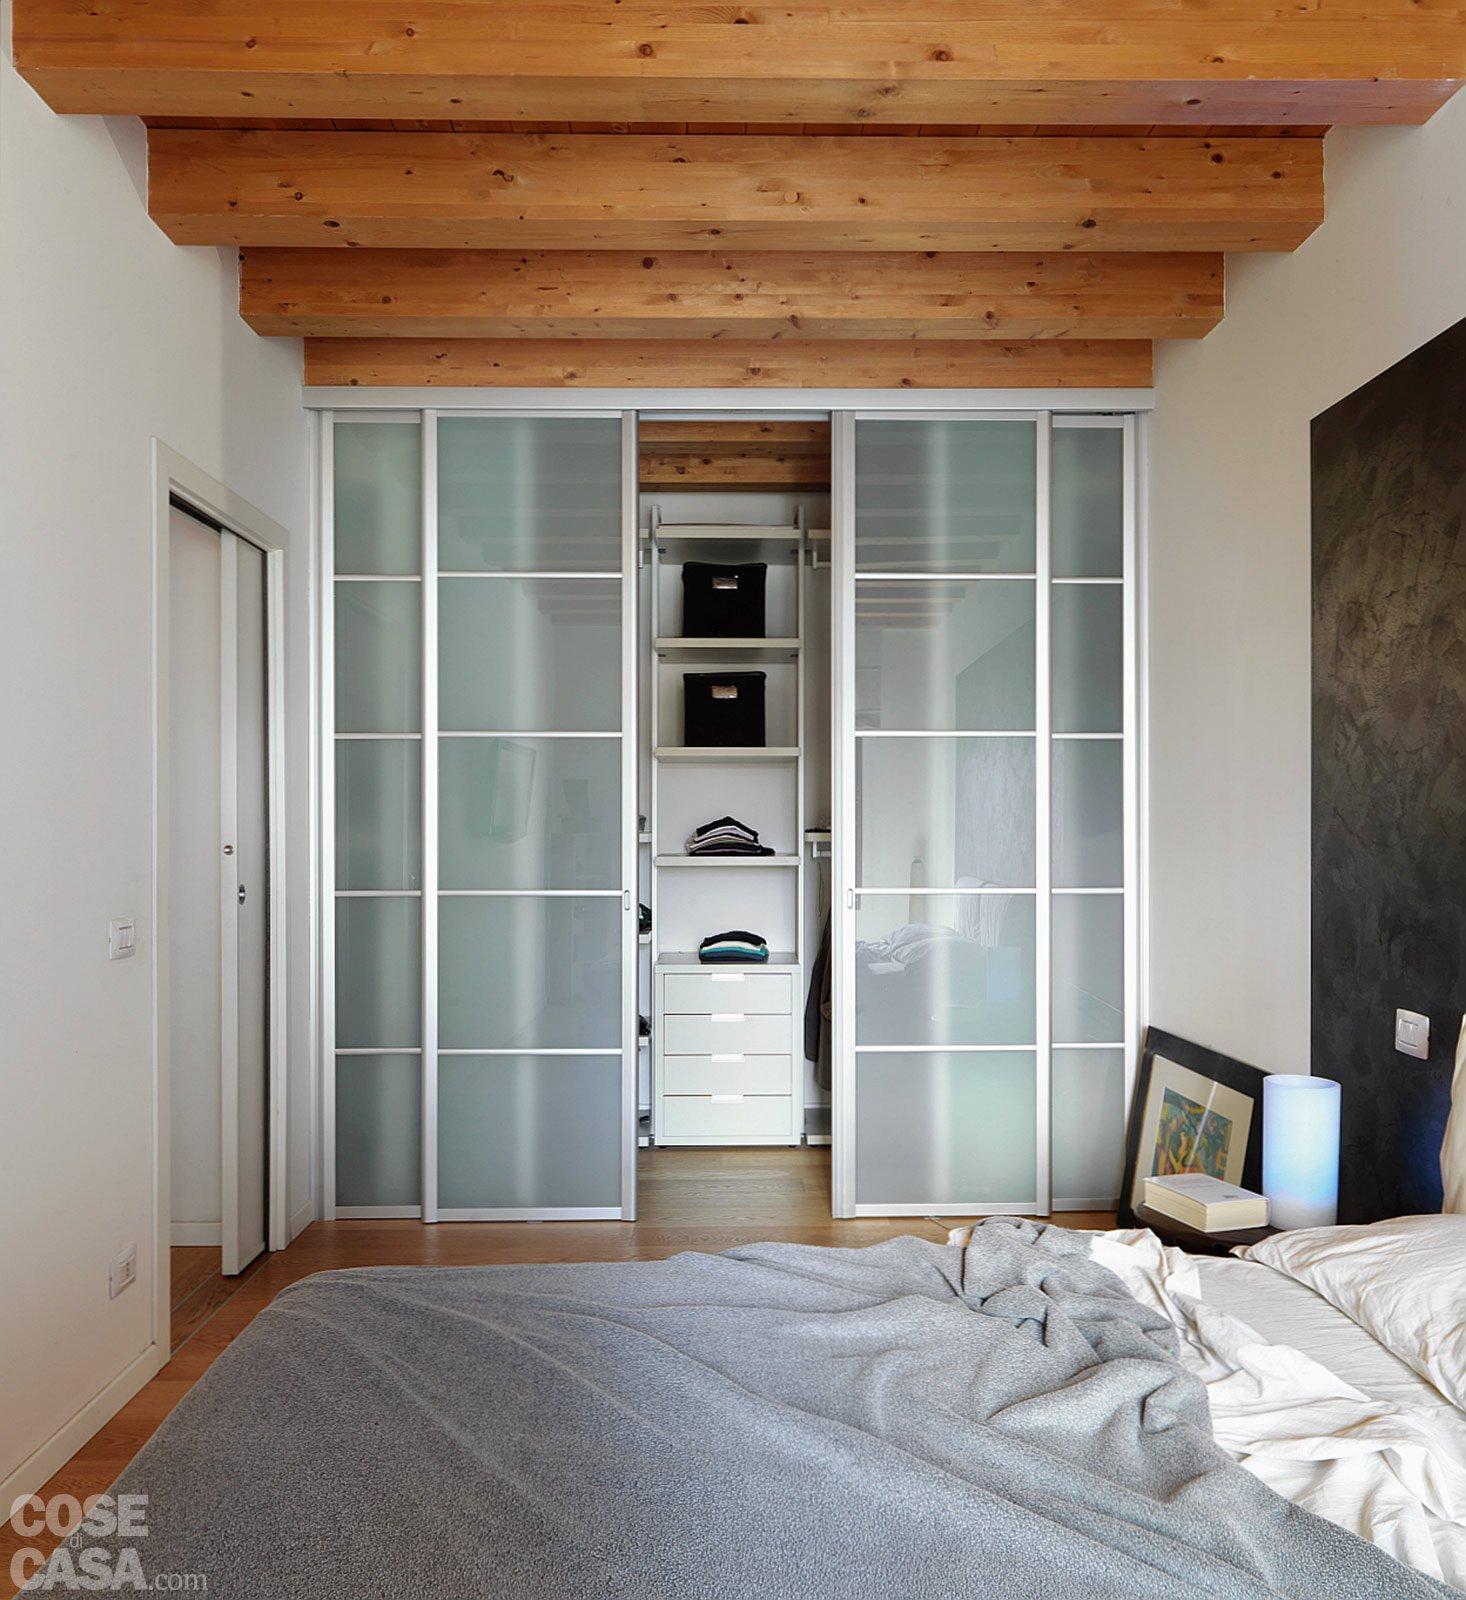 Casa con 10 trucchi 83 mq sembrano pi grandi cose di for Arredare camera da letto di 10 mq